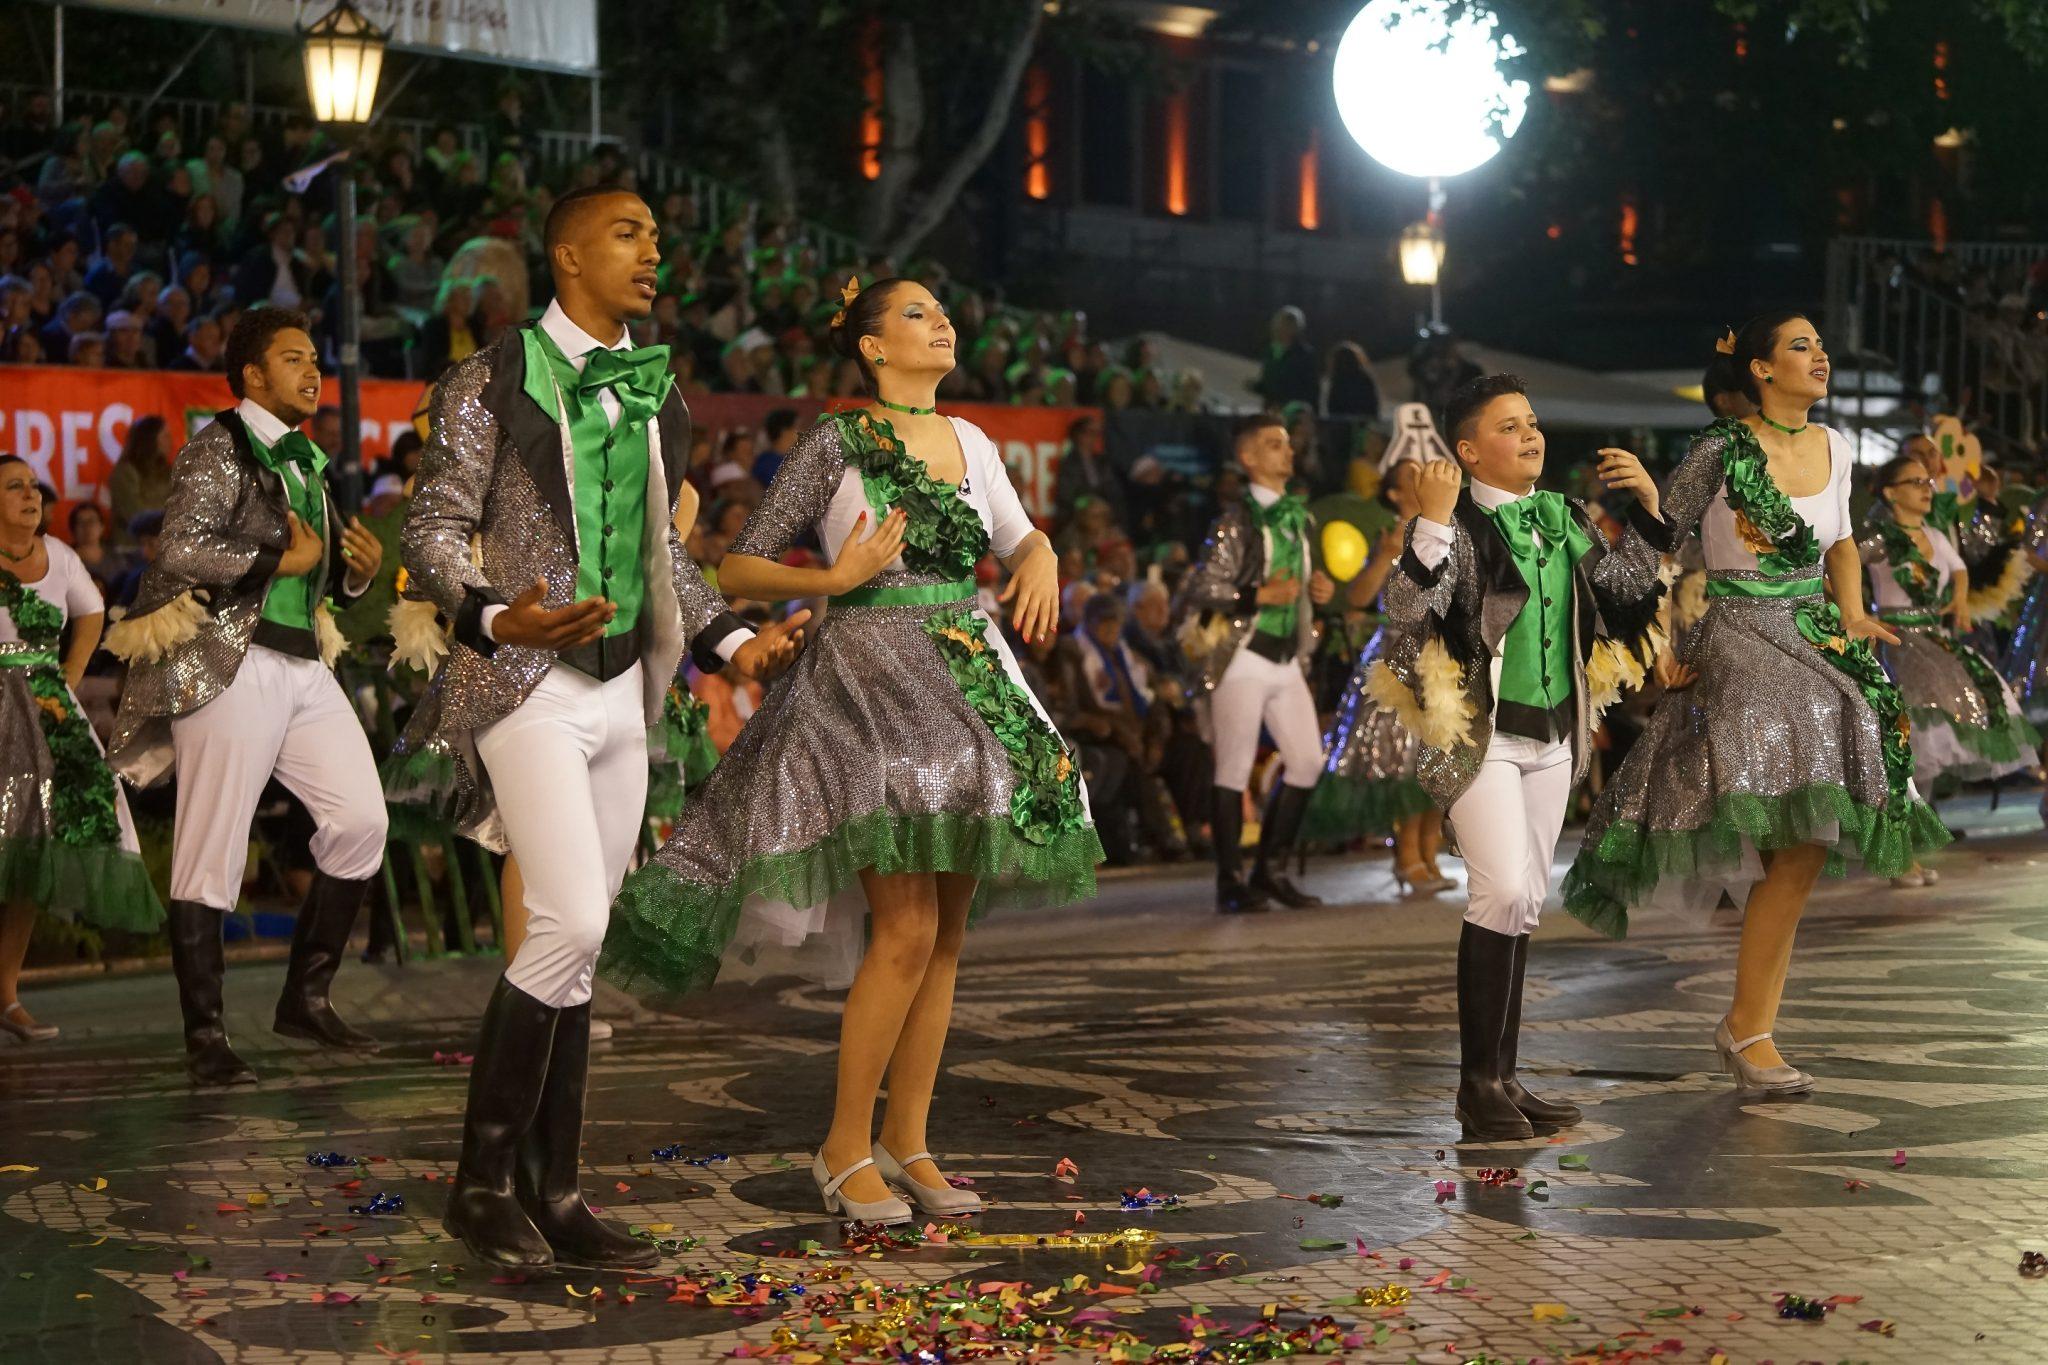 De lado para o observador, quatro marchantes (dois homens e duas mulheres) dançam na Avenida da Liberdade. Estão vestidos com roupas brancas, cinzentas e verdes.